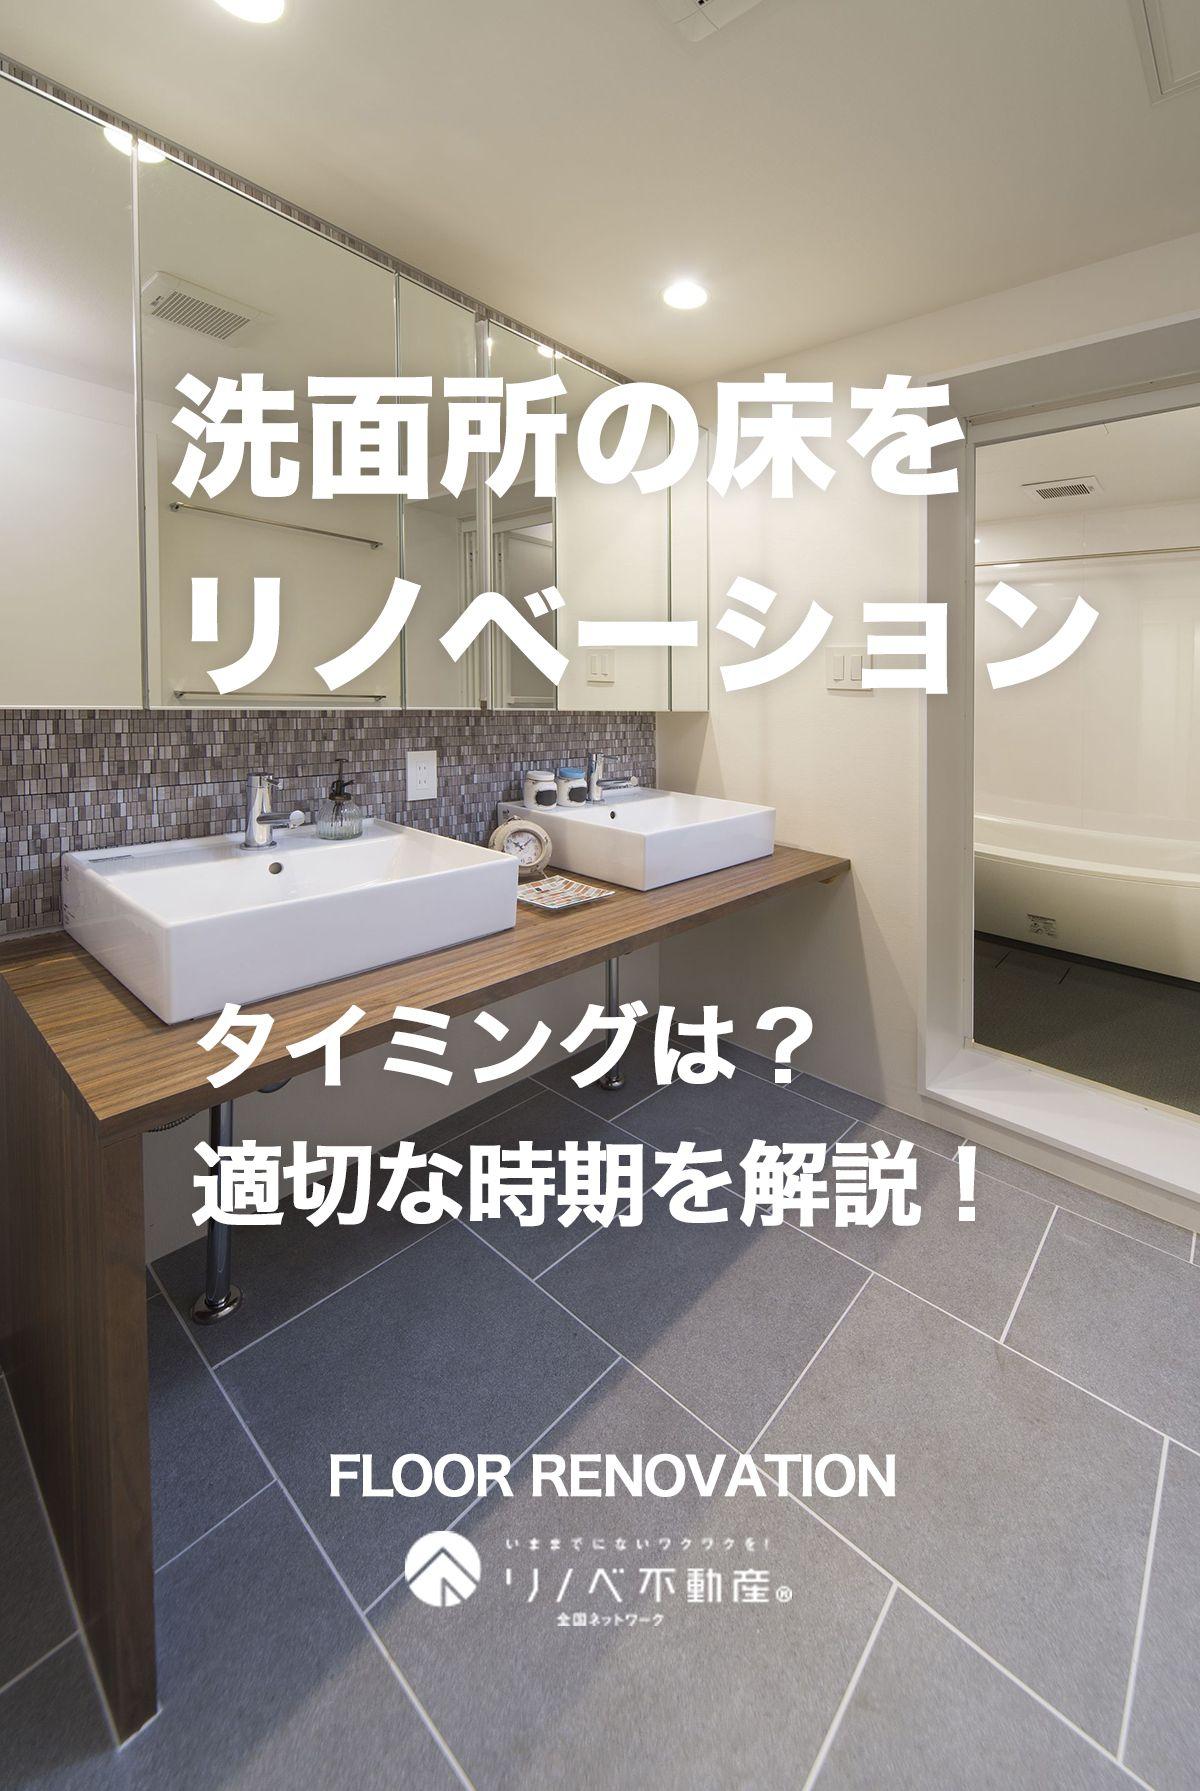 洗面所の床をリノベーションするタイミングは?適切な時期を解説!